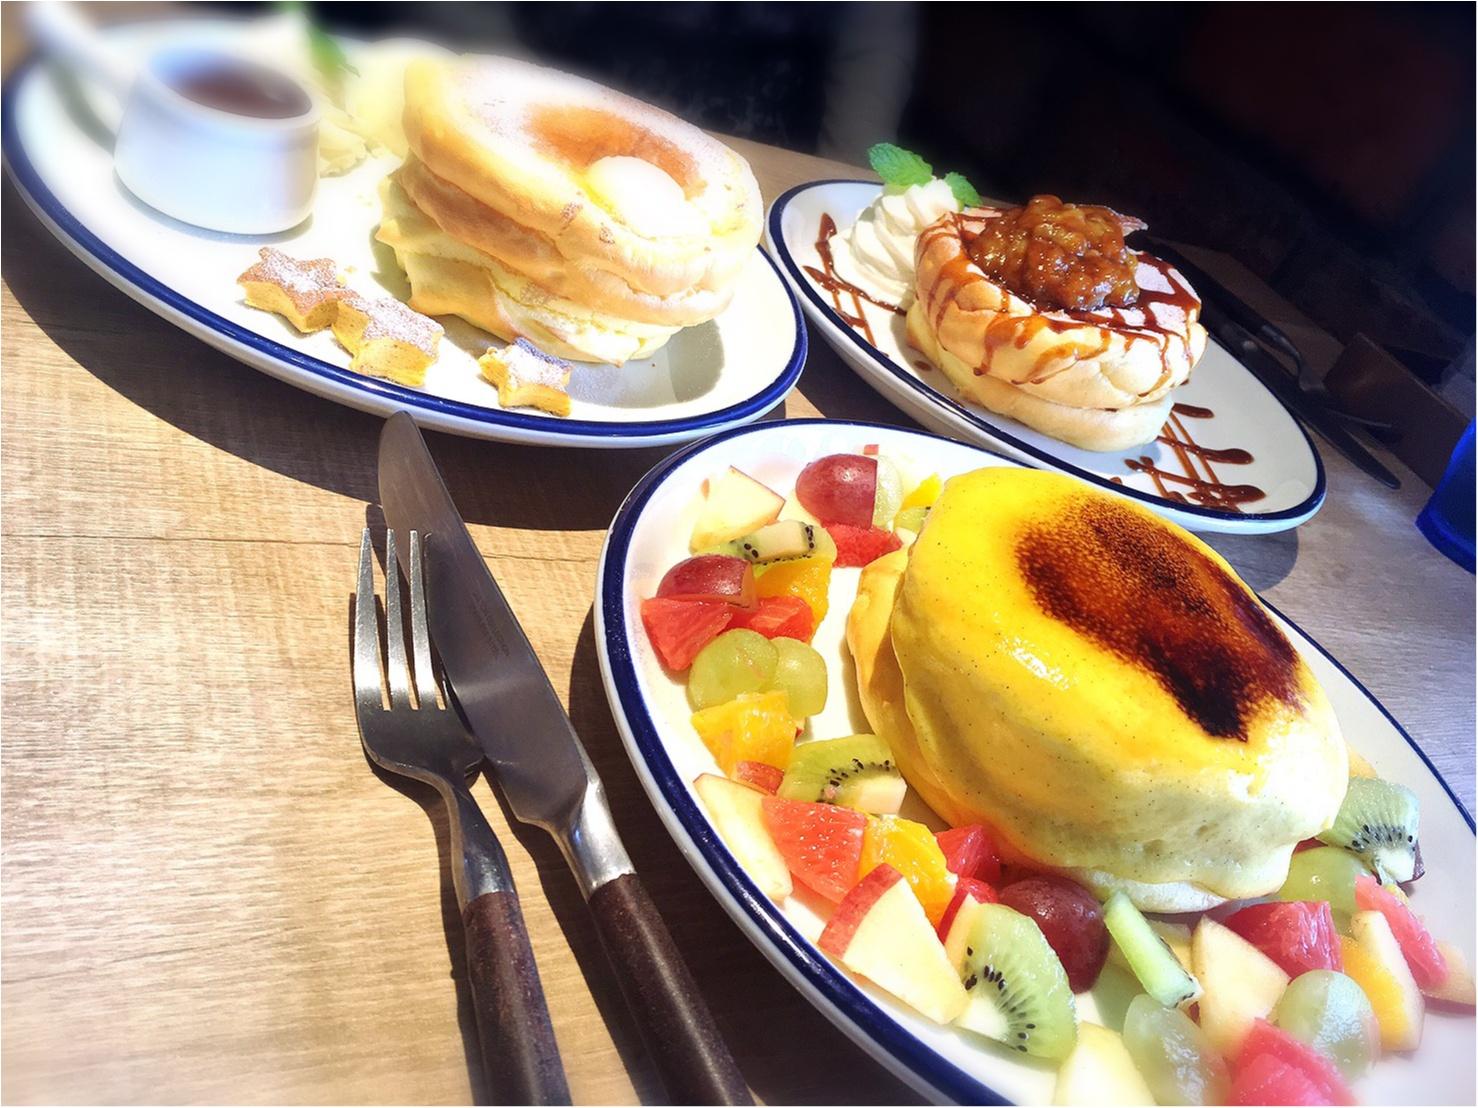 【武蔵小杉】とろぉ〜ふわぁ〜。雑誌で見かけて食べたかったクリームブリュレパンケーキ!_7